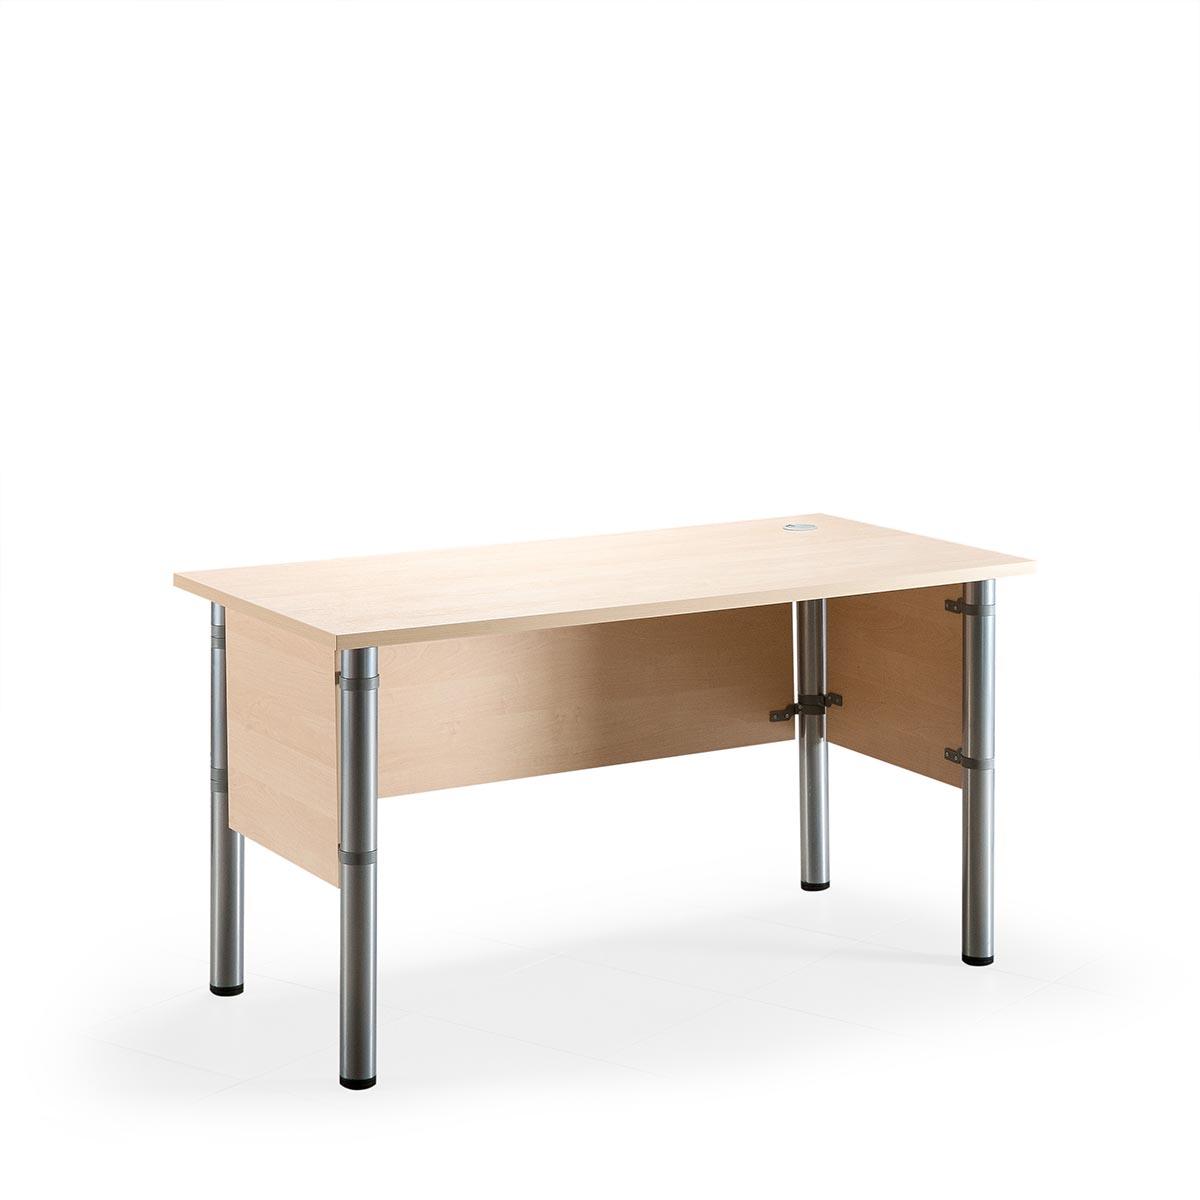 Darbo stalai - Baldai verslui